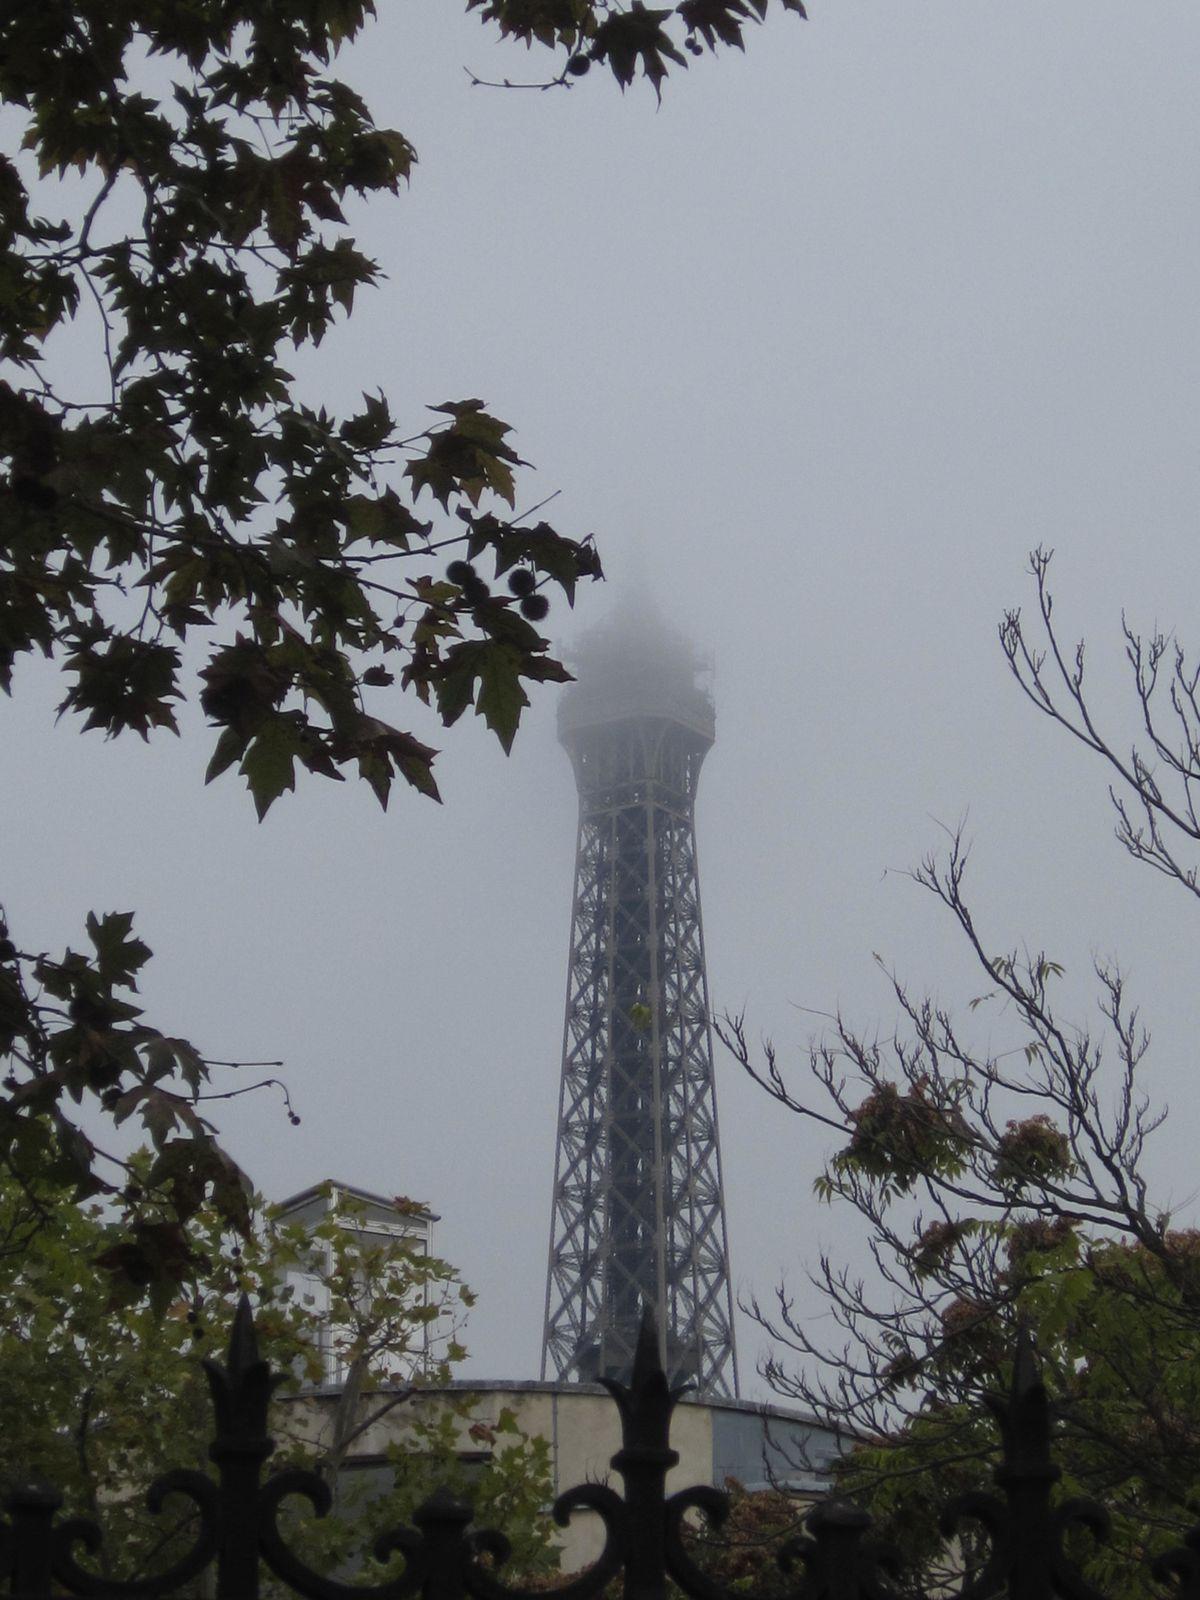 La Tour Eiffel - Grande Dame de Paris ,avait la tête dans les nuages.....